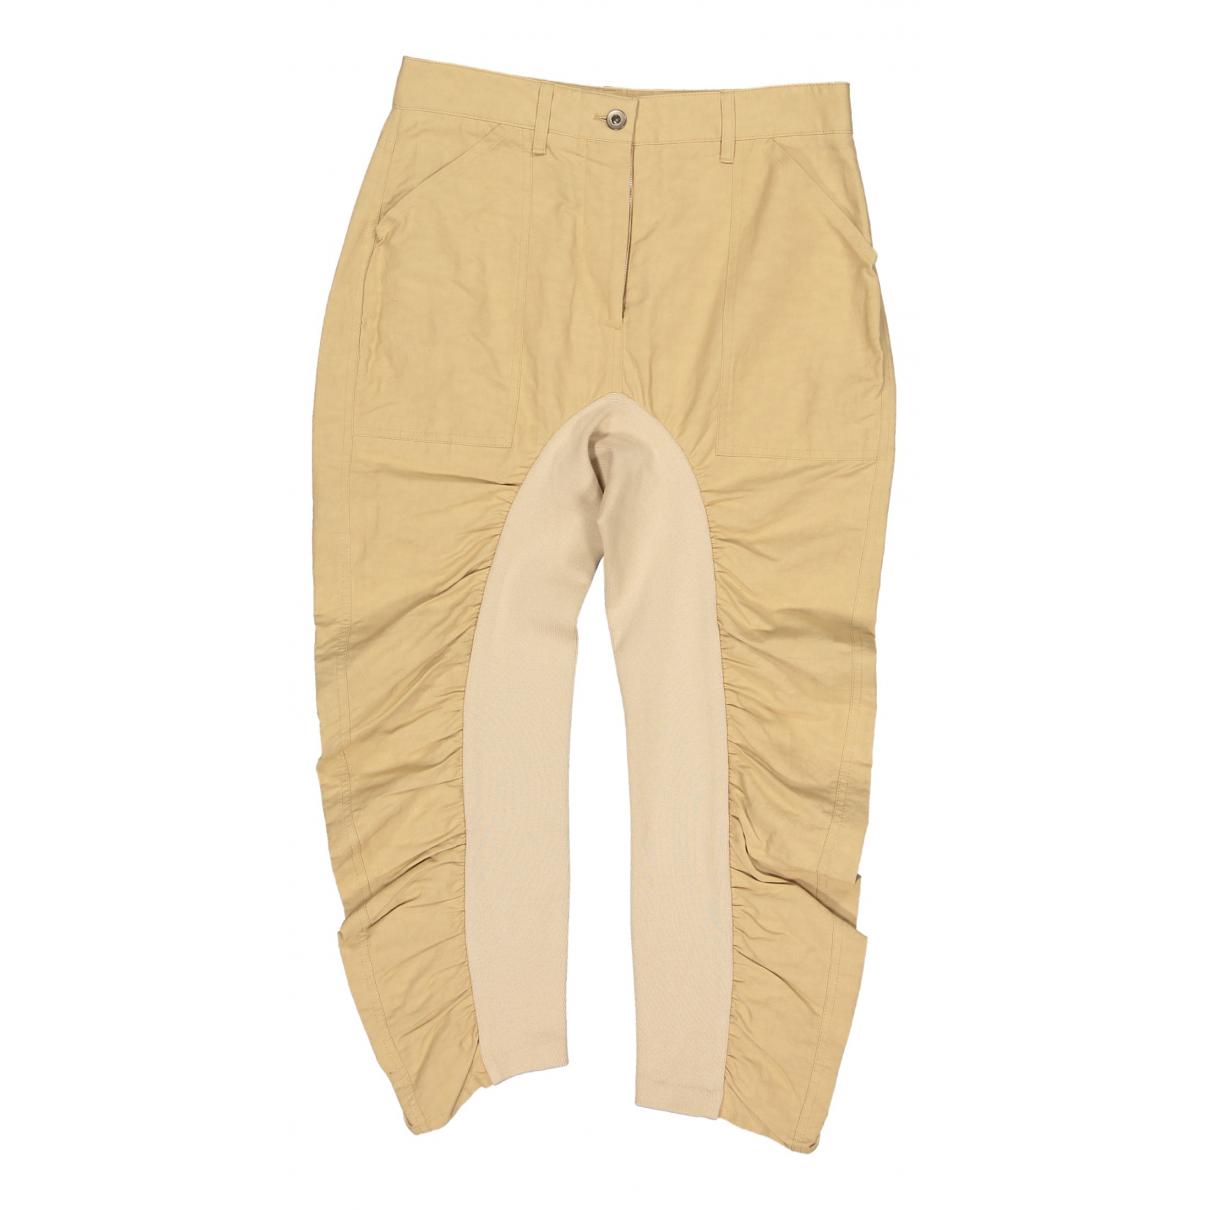 Stella Mccartney N Beige Cotton Trousers for Women 38 IT